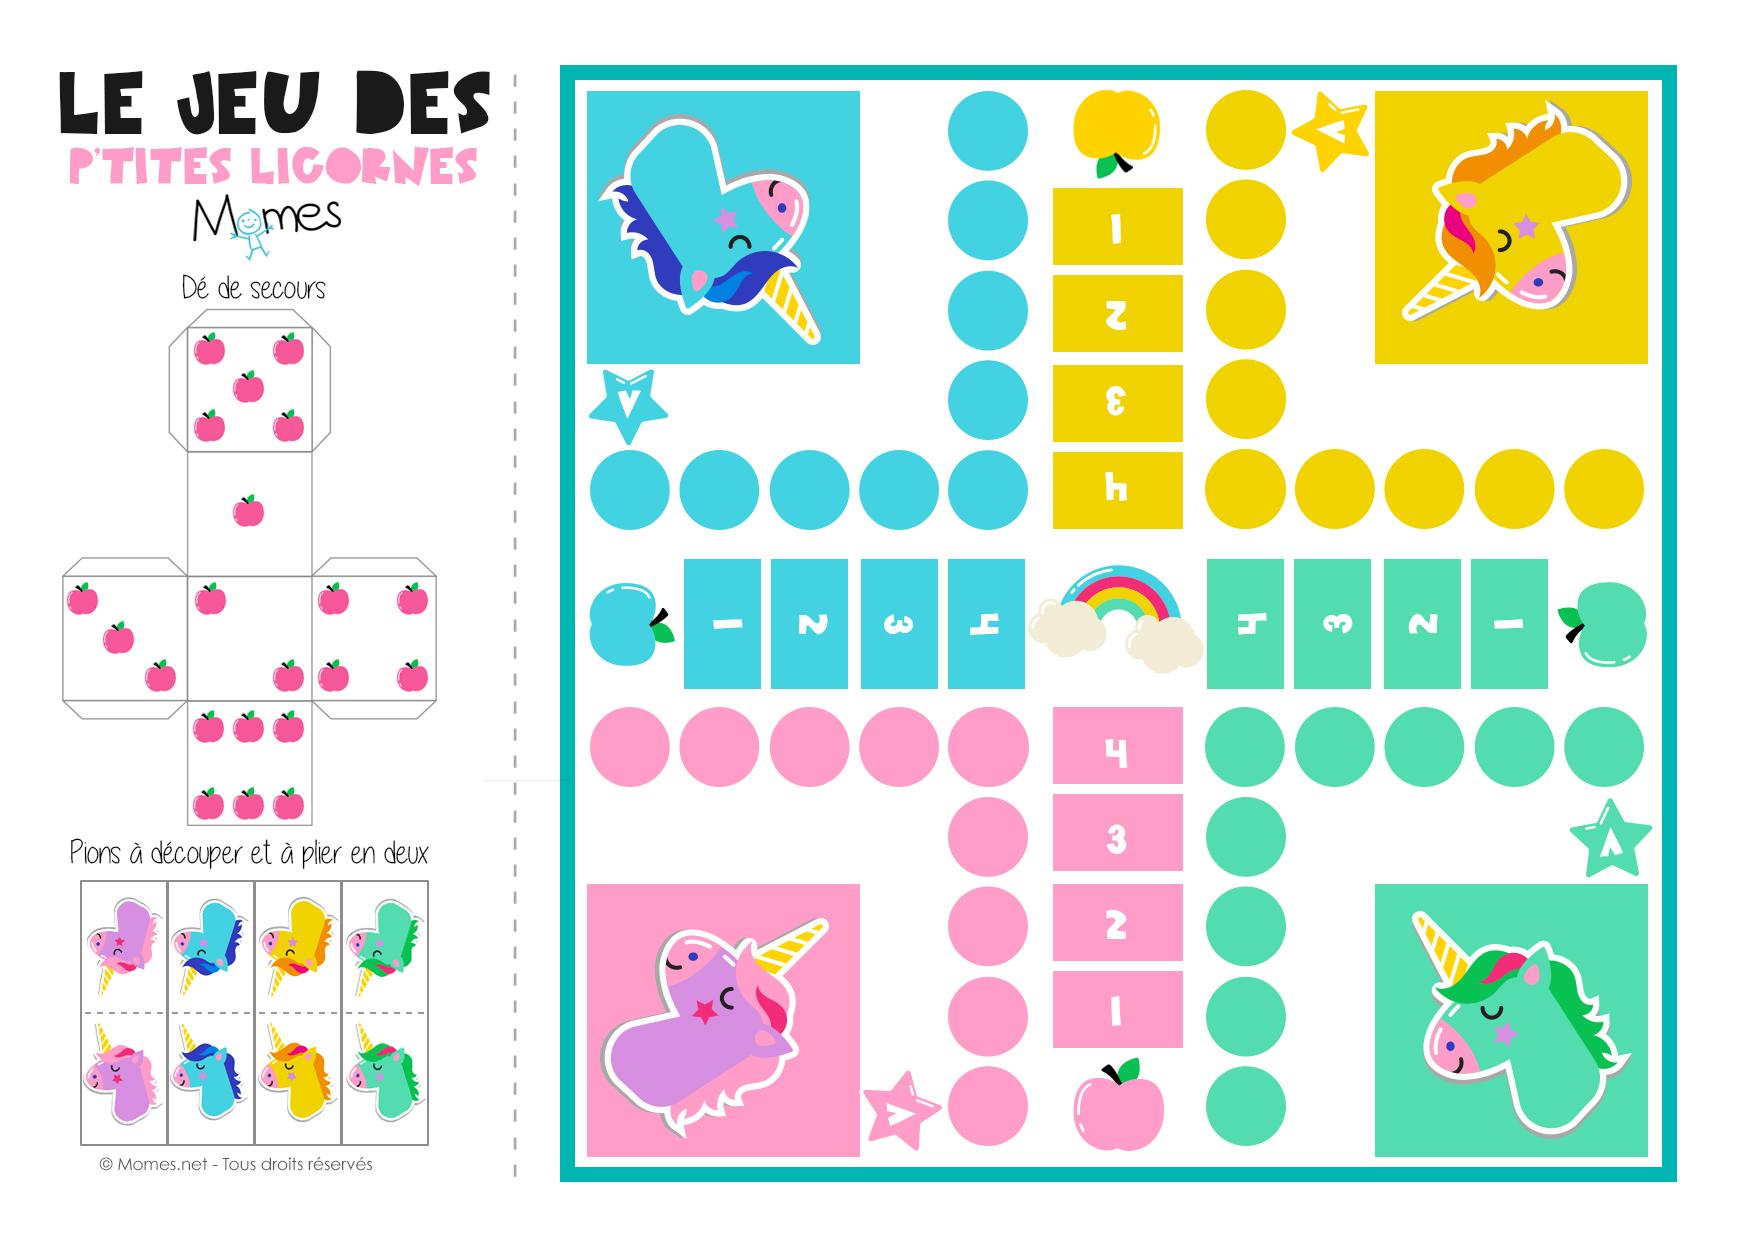 Jeu De Petits Chevaux À Imprimer Version Licornes ! - Momes destiné Petit Jeu Maternelle